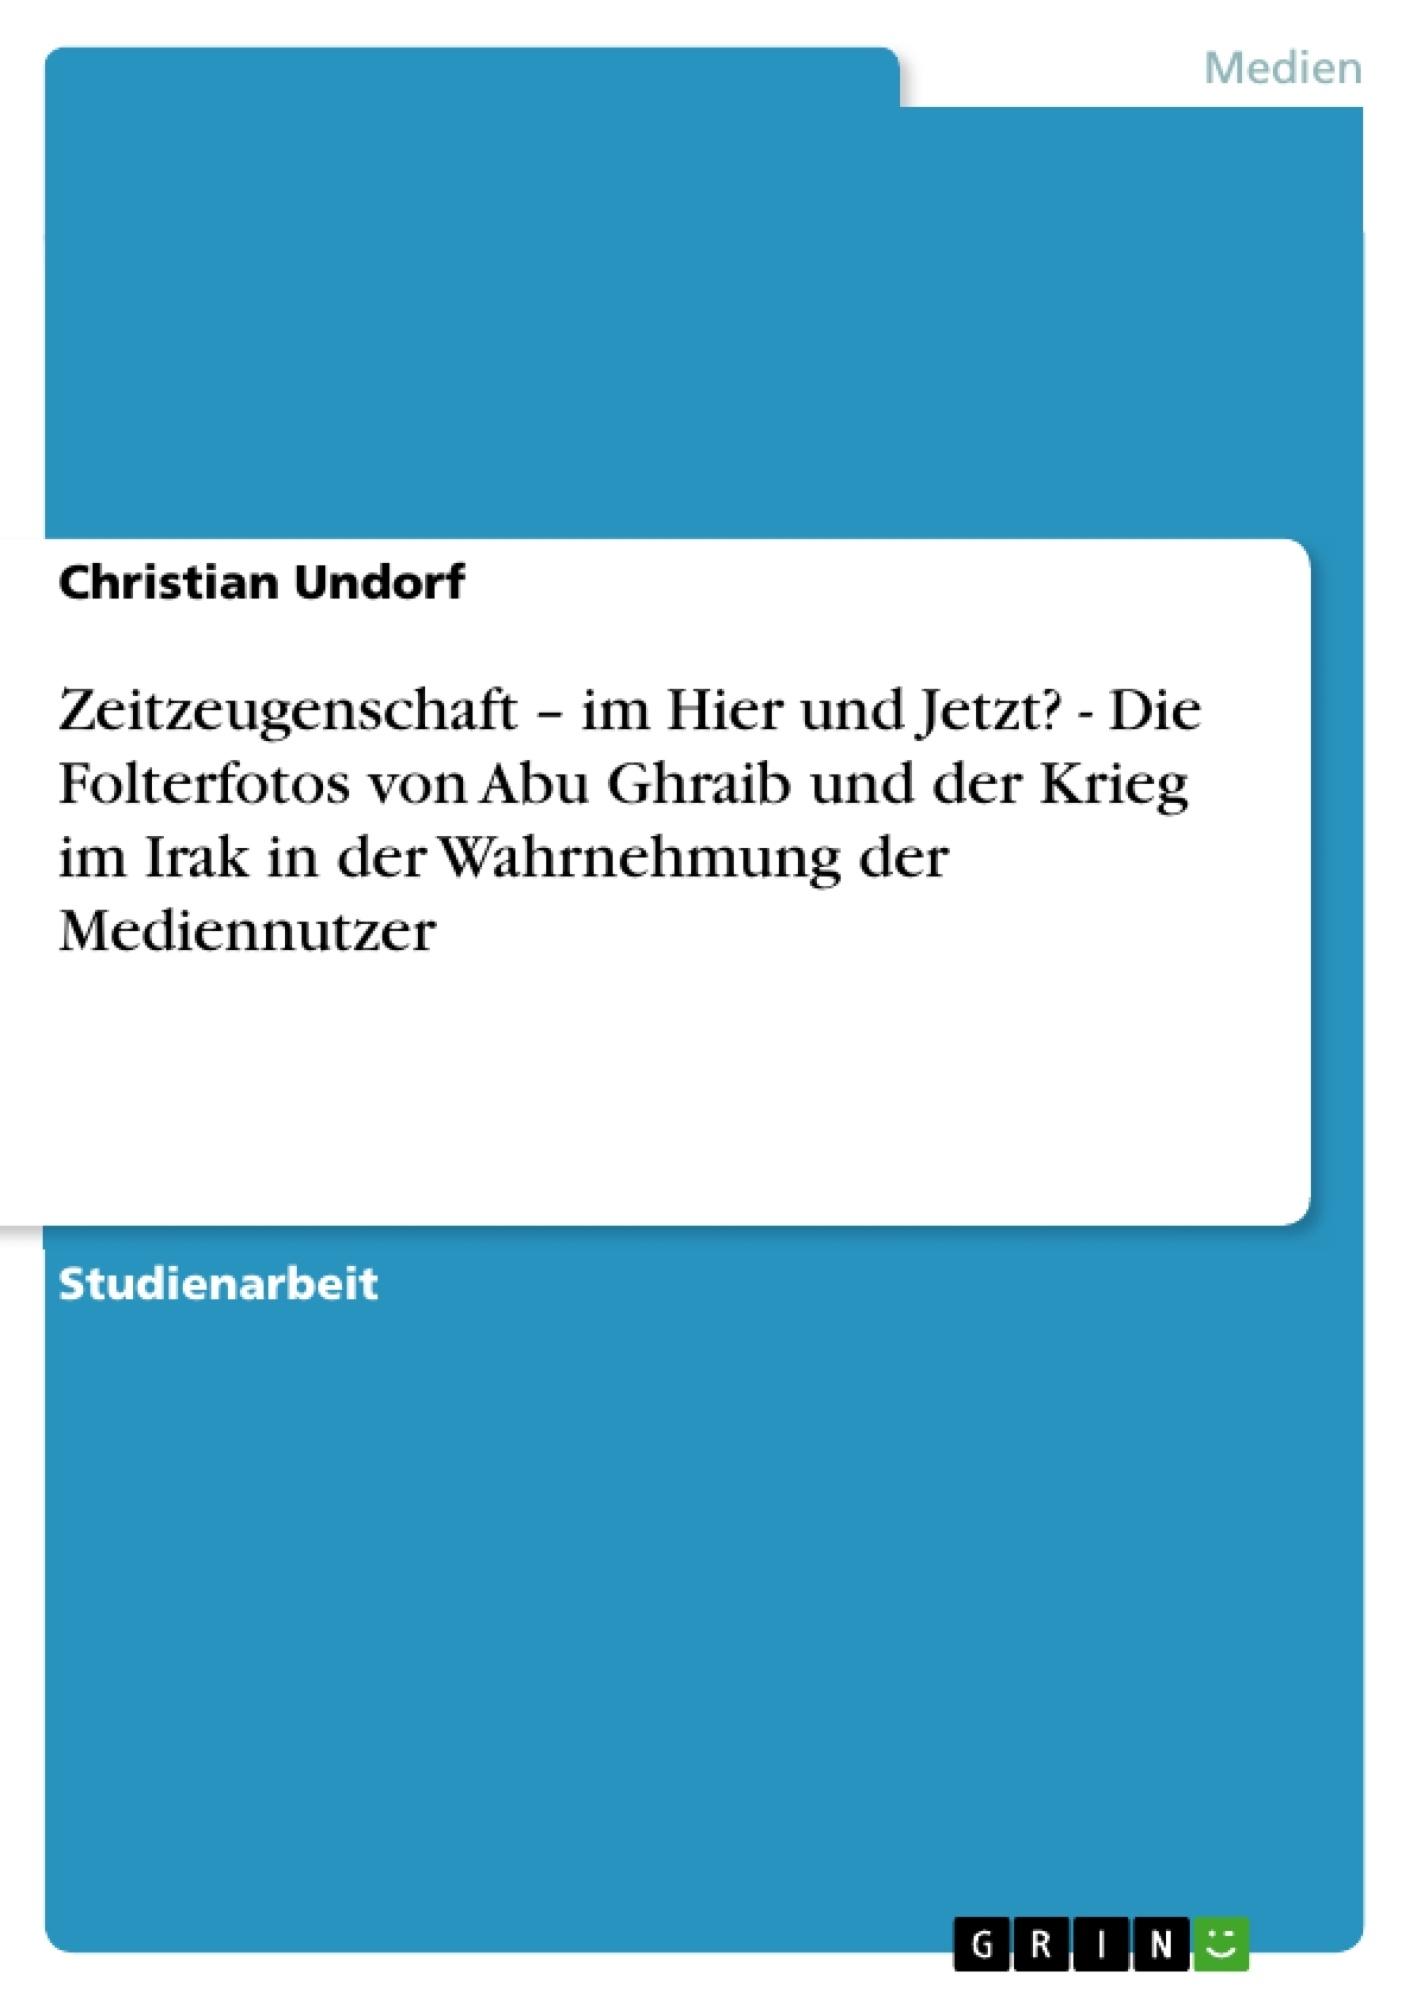 Titel: Zeitzeugenschaft – im Hier und Jetzt? - Die Folterfotos von Abu Ghraib und der Krieg im Irak in der Wahrnehmung der Mediennutzer